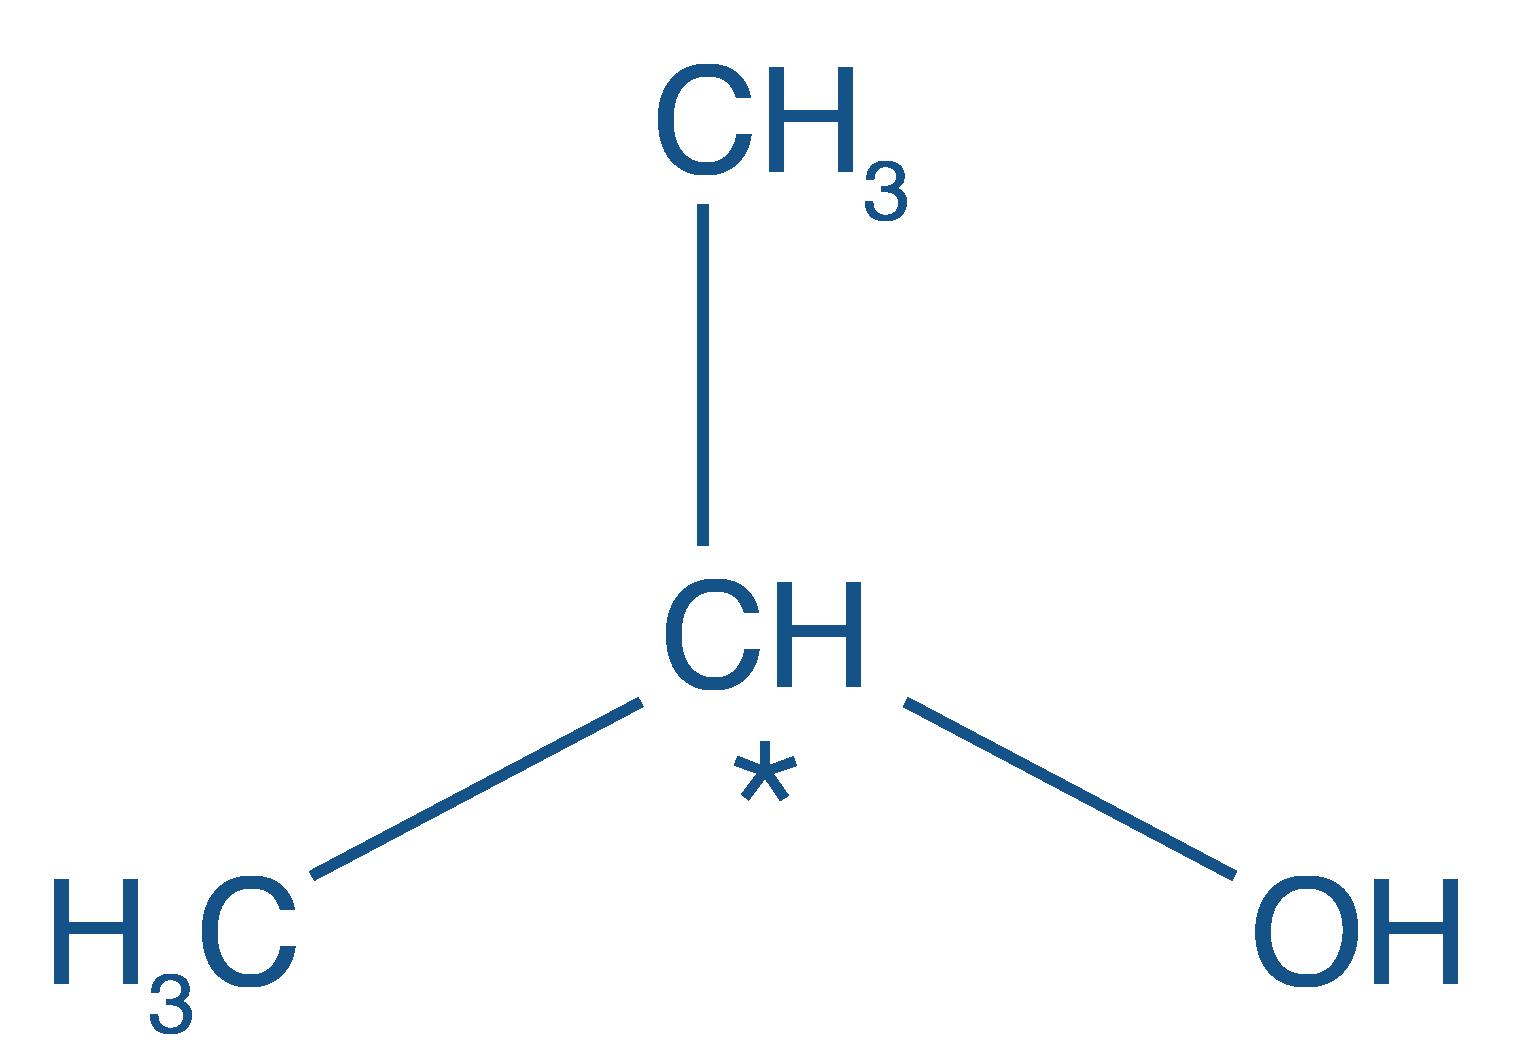 Formule développée du propan-2-ol